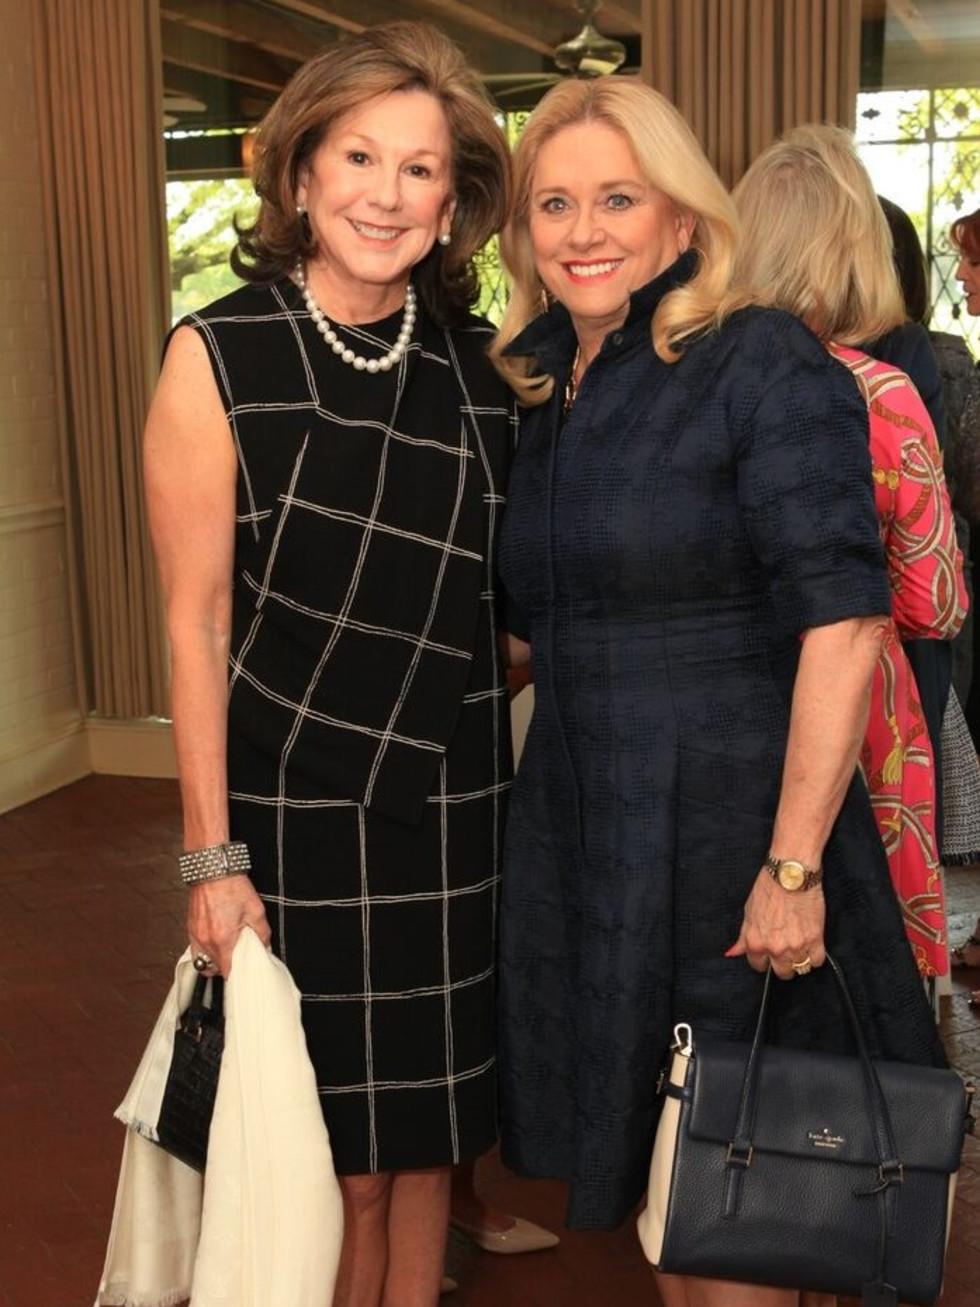 PCHPS luncheon 2018, Juli Harrison, Ann Dyer